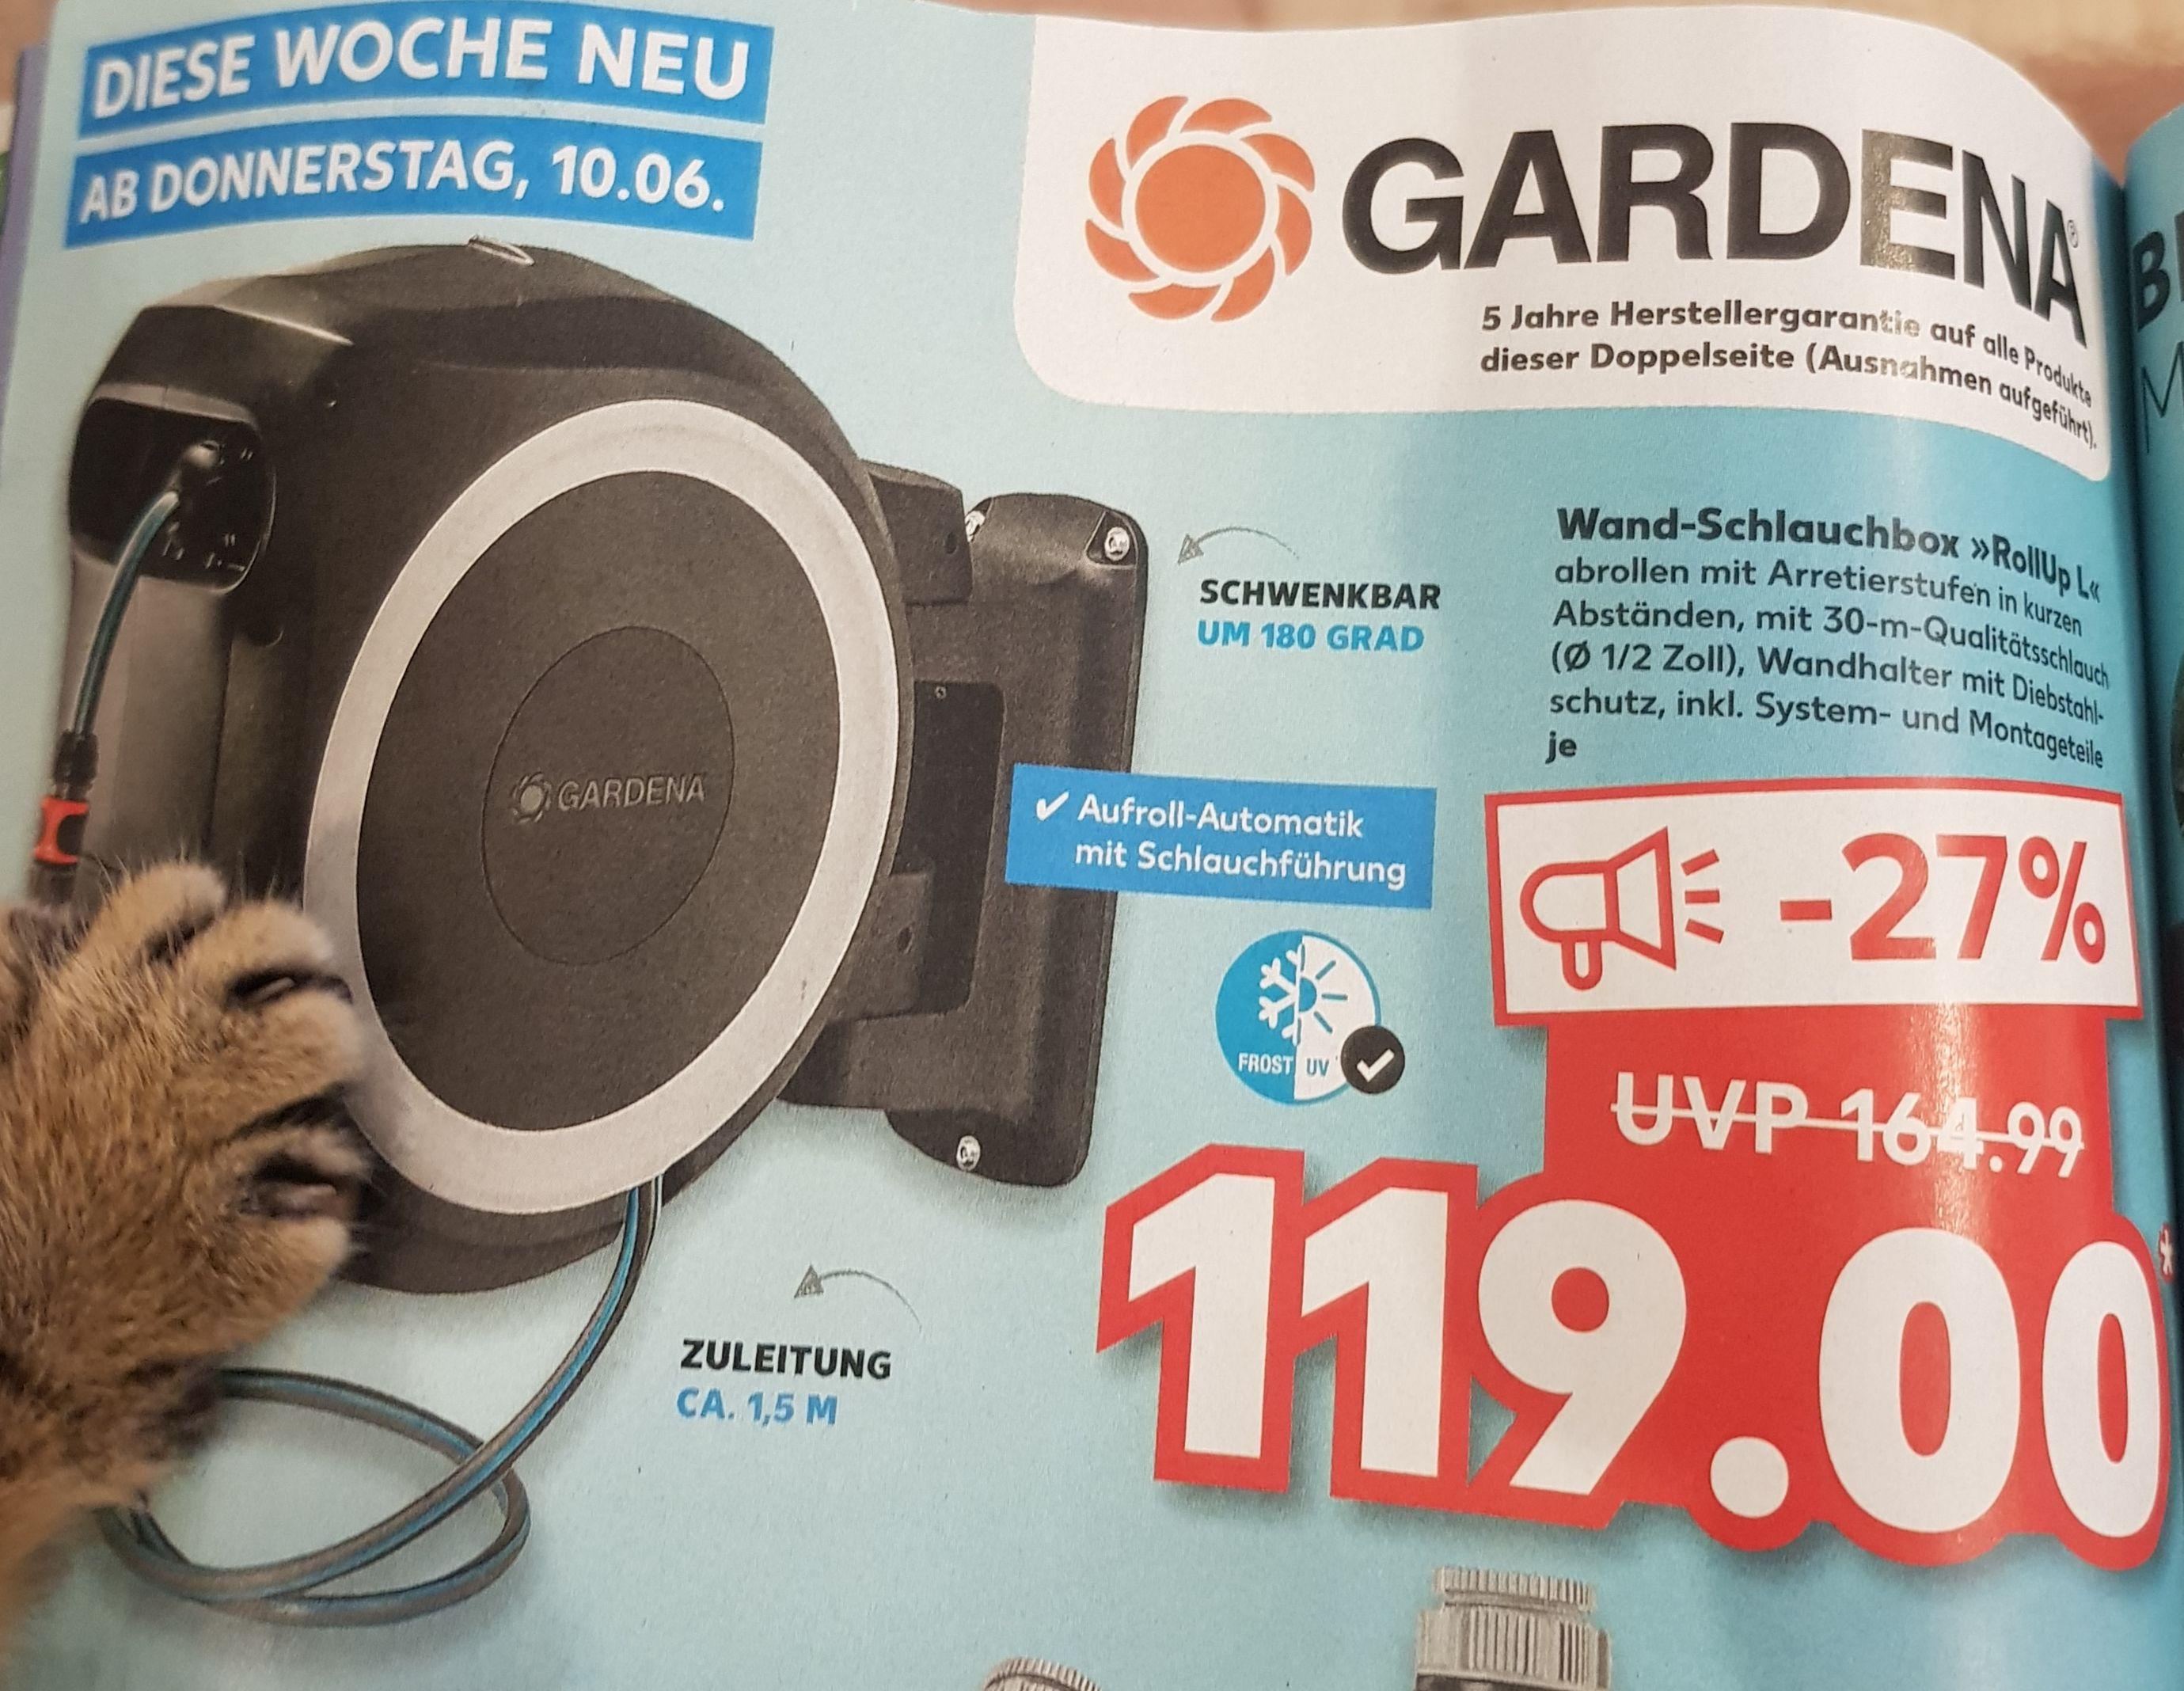 Gardena Wand Schlauchbox 30 Meter lokal? Heilbronn und Landkreis